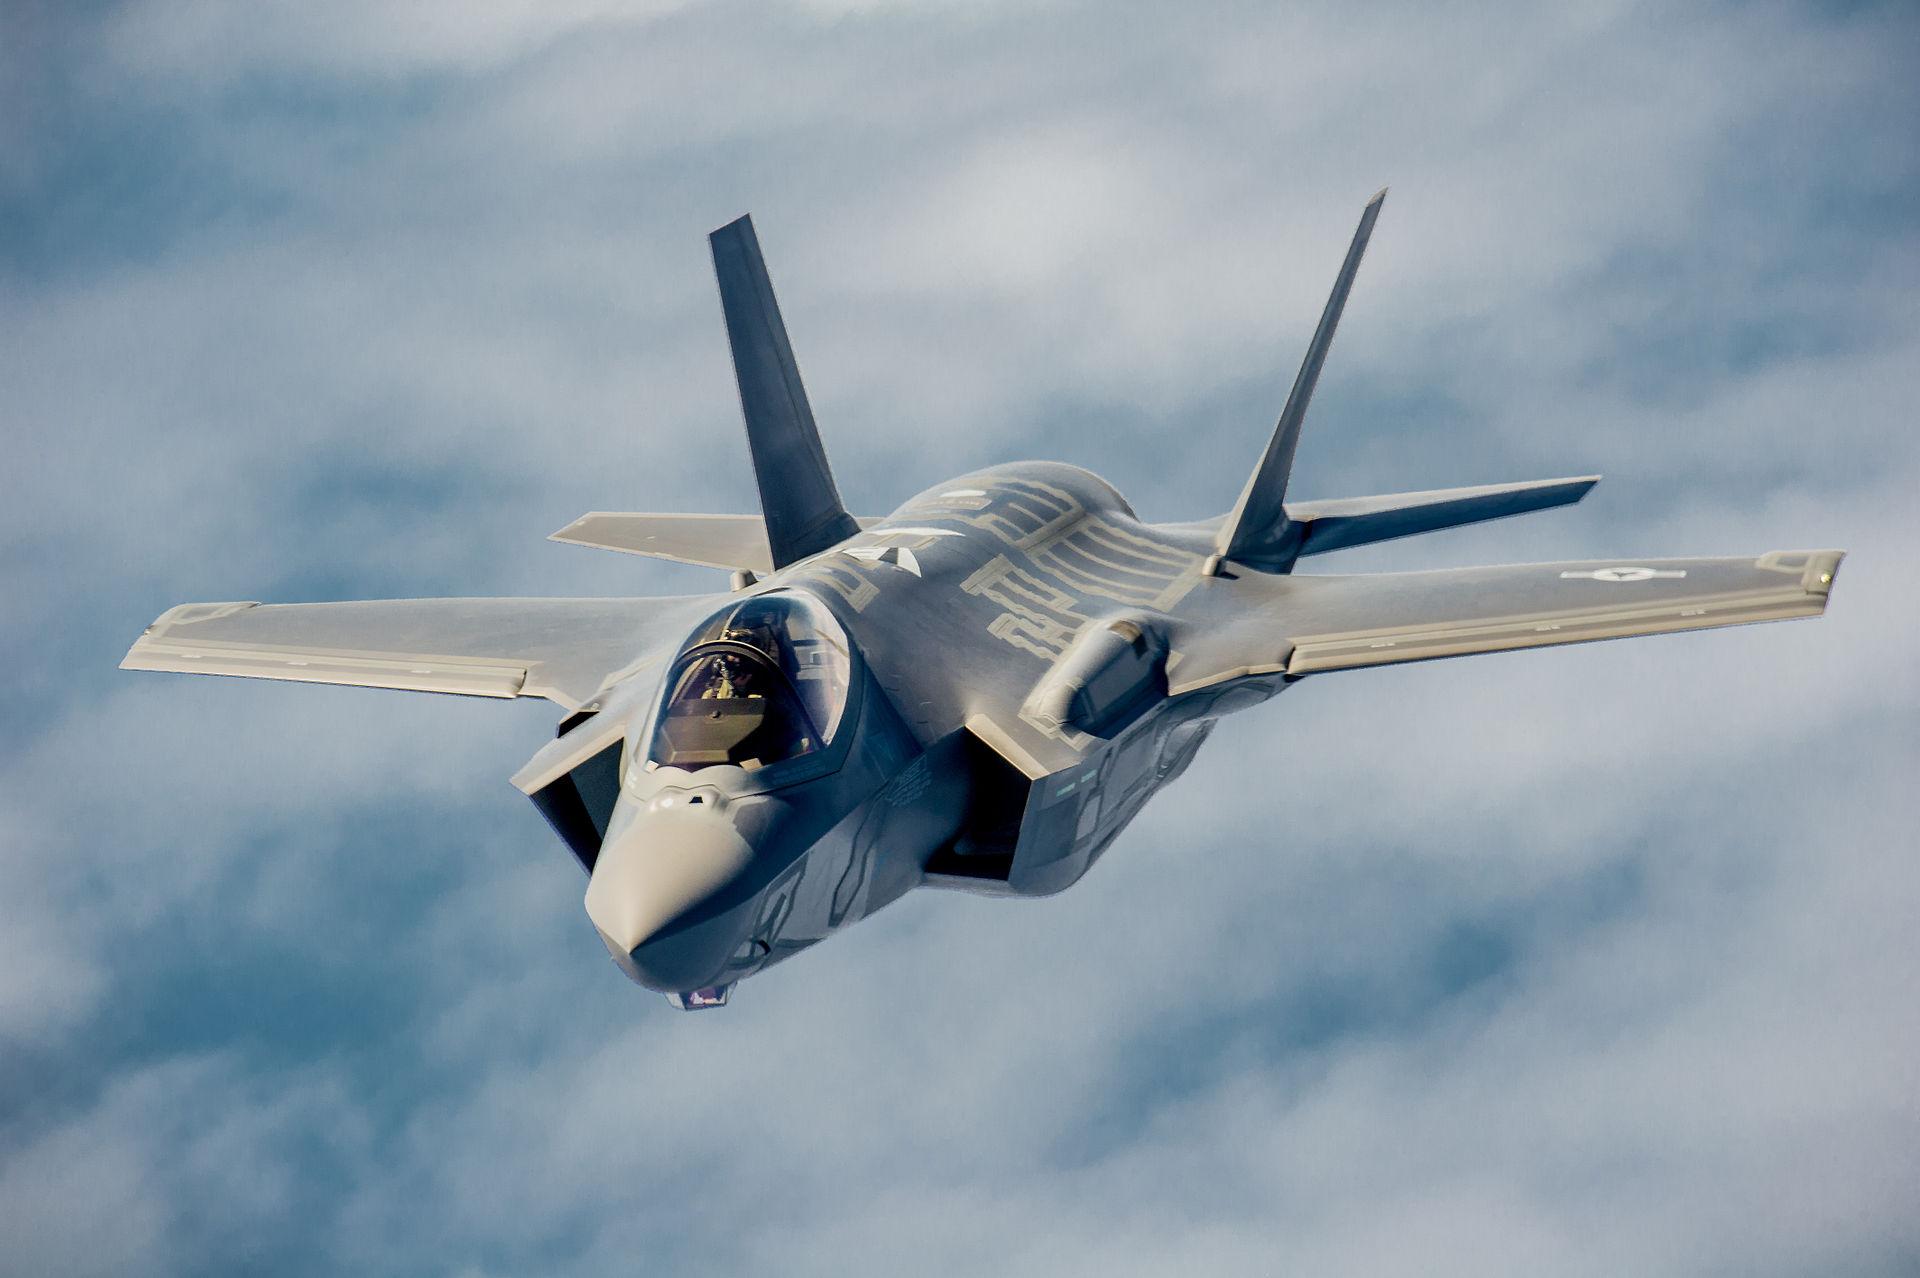 Lockheed Martin F-35 Lightning II. Возможно близкий родственник Як-141